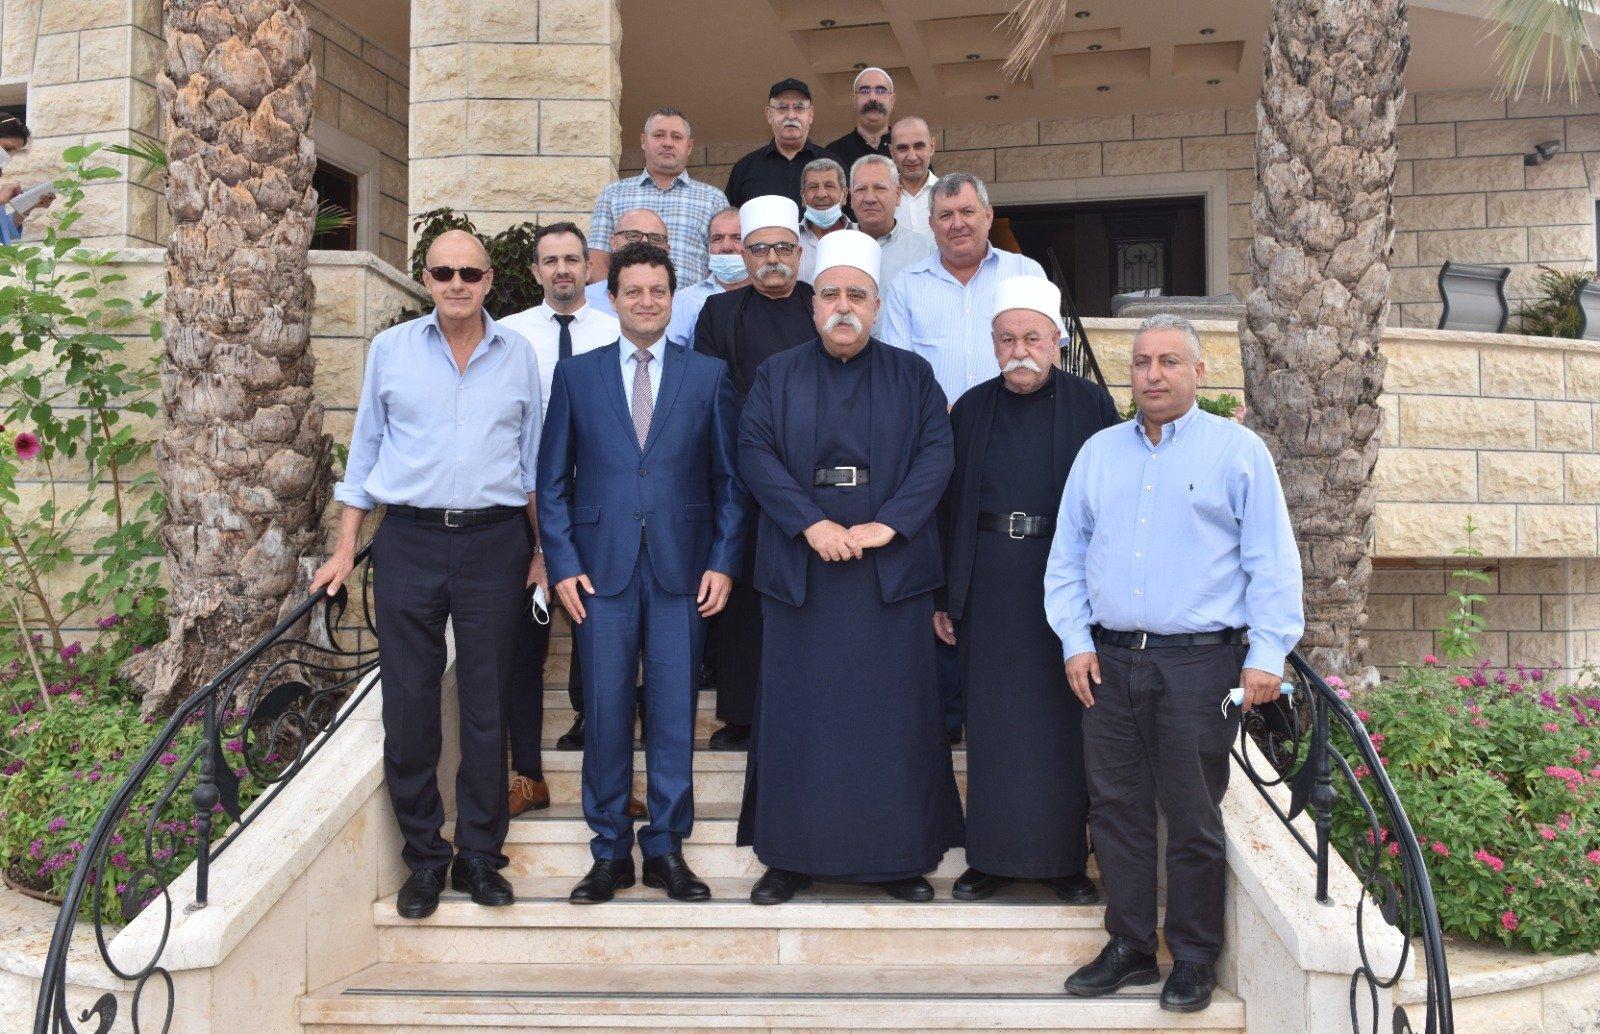 عشية العيد: رئيس مجلس إدارة لئومي د. سامر حاج يحيى يزور الشيخ موفق طريف-3